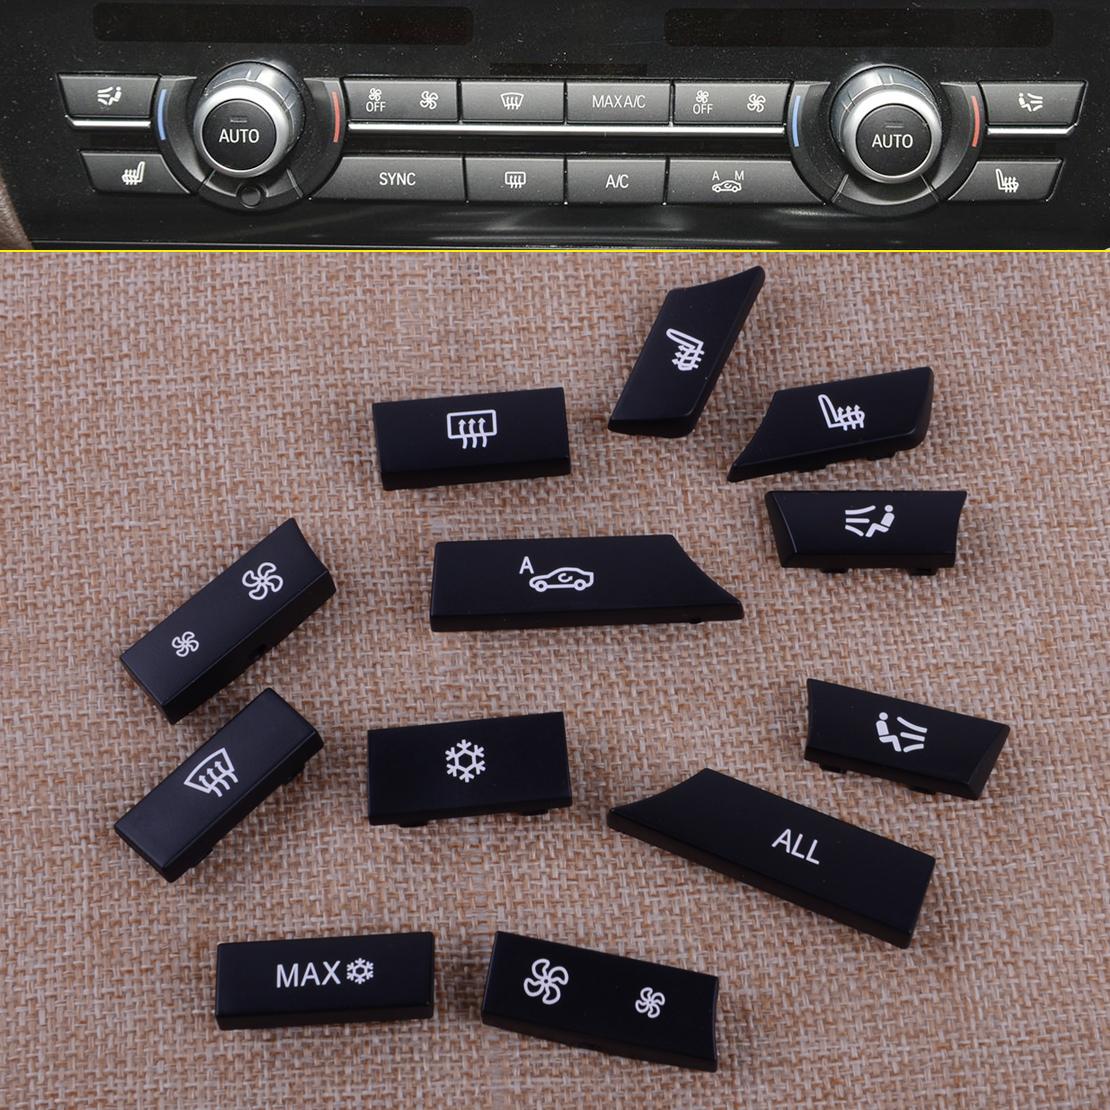 12 Taste Lüftung Klimabedienteil Knopf Kit Fit für BMW 5 6 7 F10 F01 F12 OG